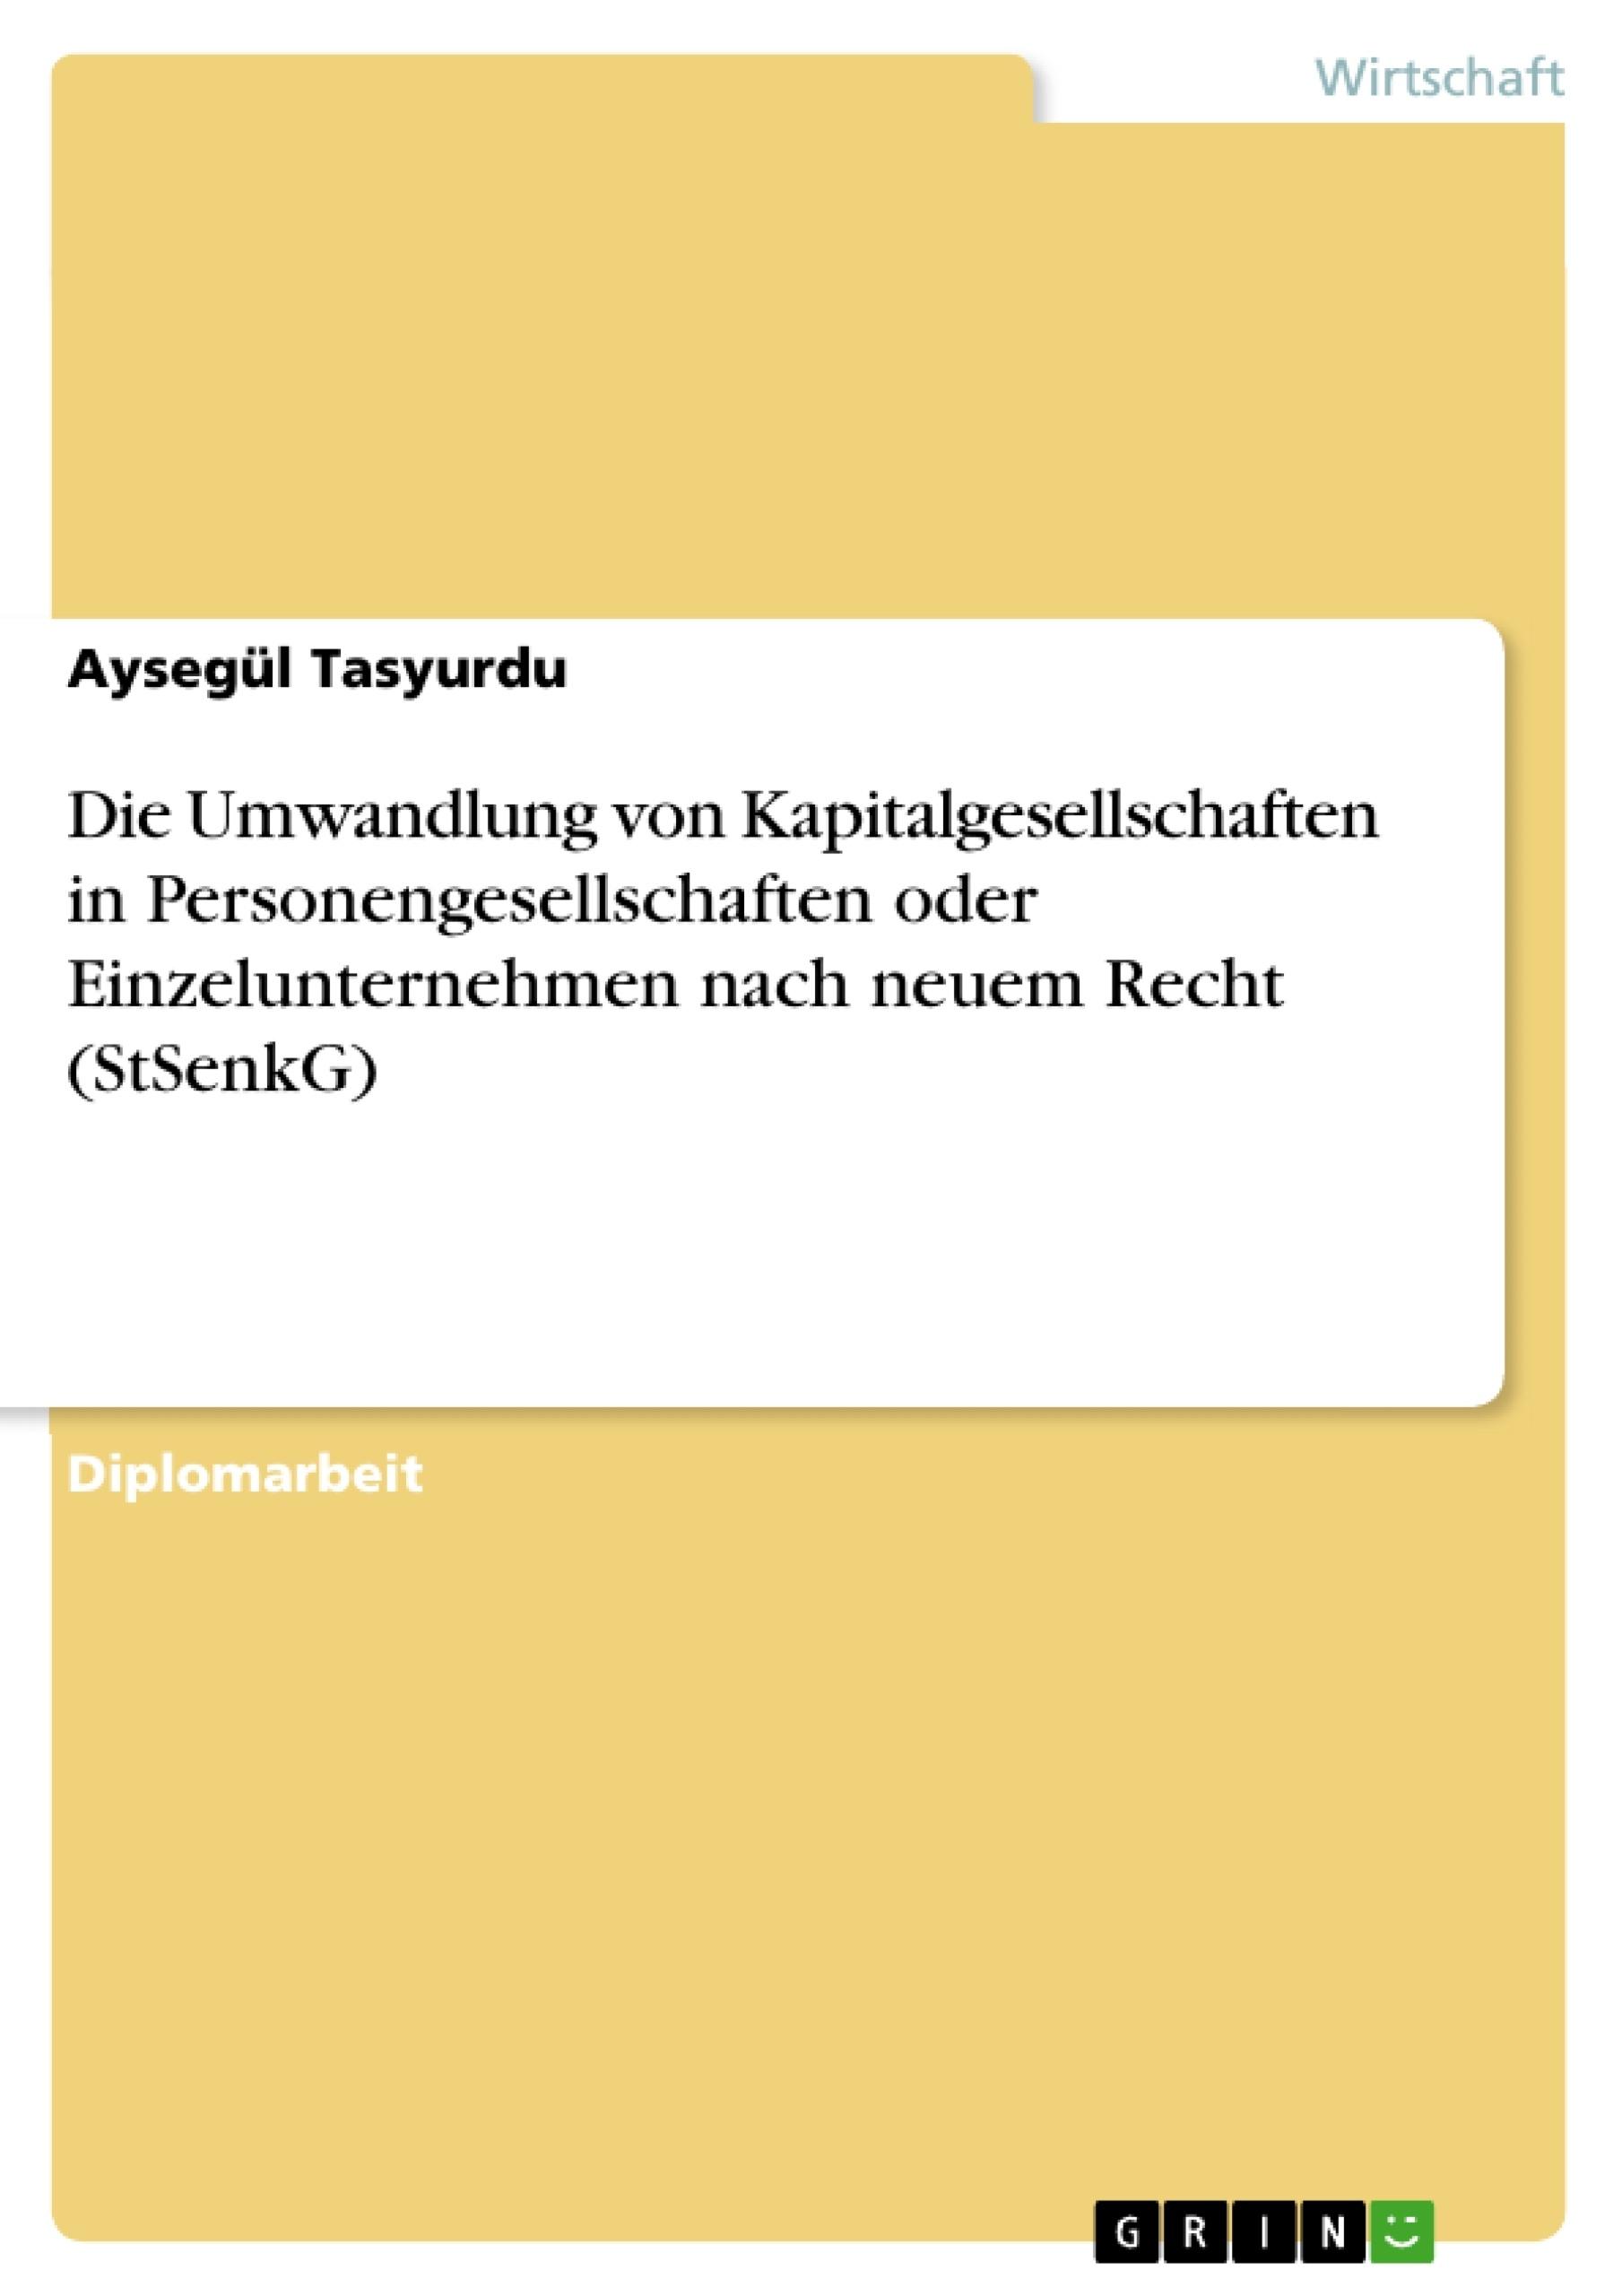 Titel: Die Umwandlung von Kapitalgesellschaften in Personengesellschaften oder Einzelunternehmen nach neuem Recht (StSenkG)